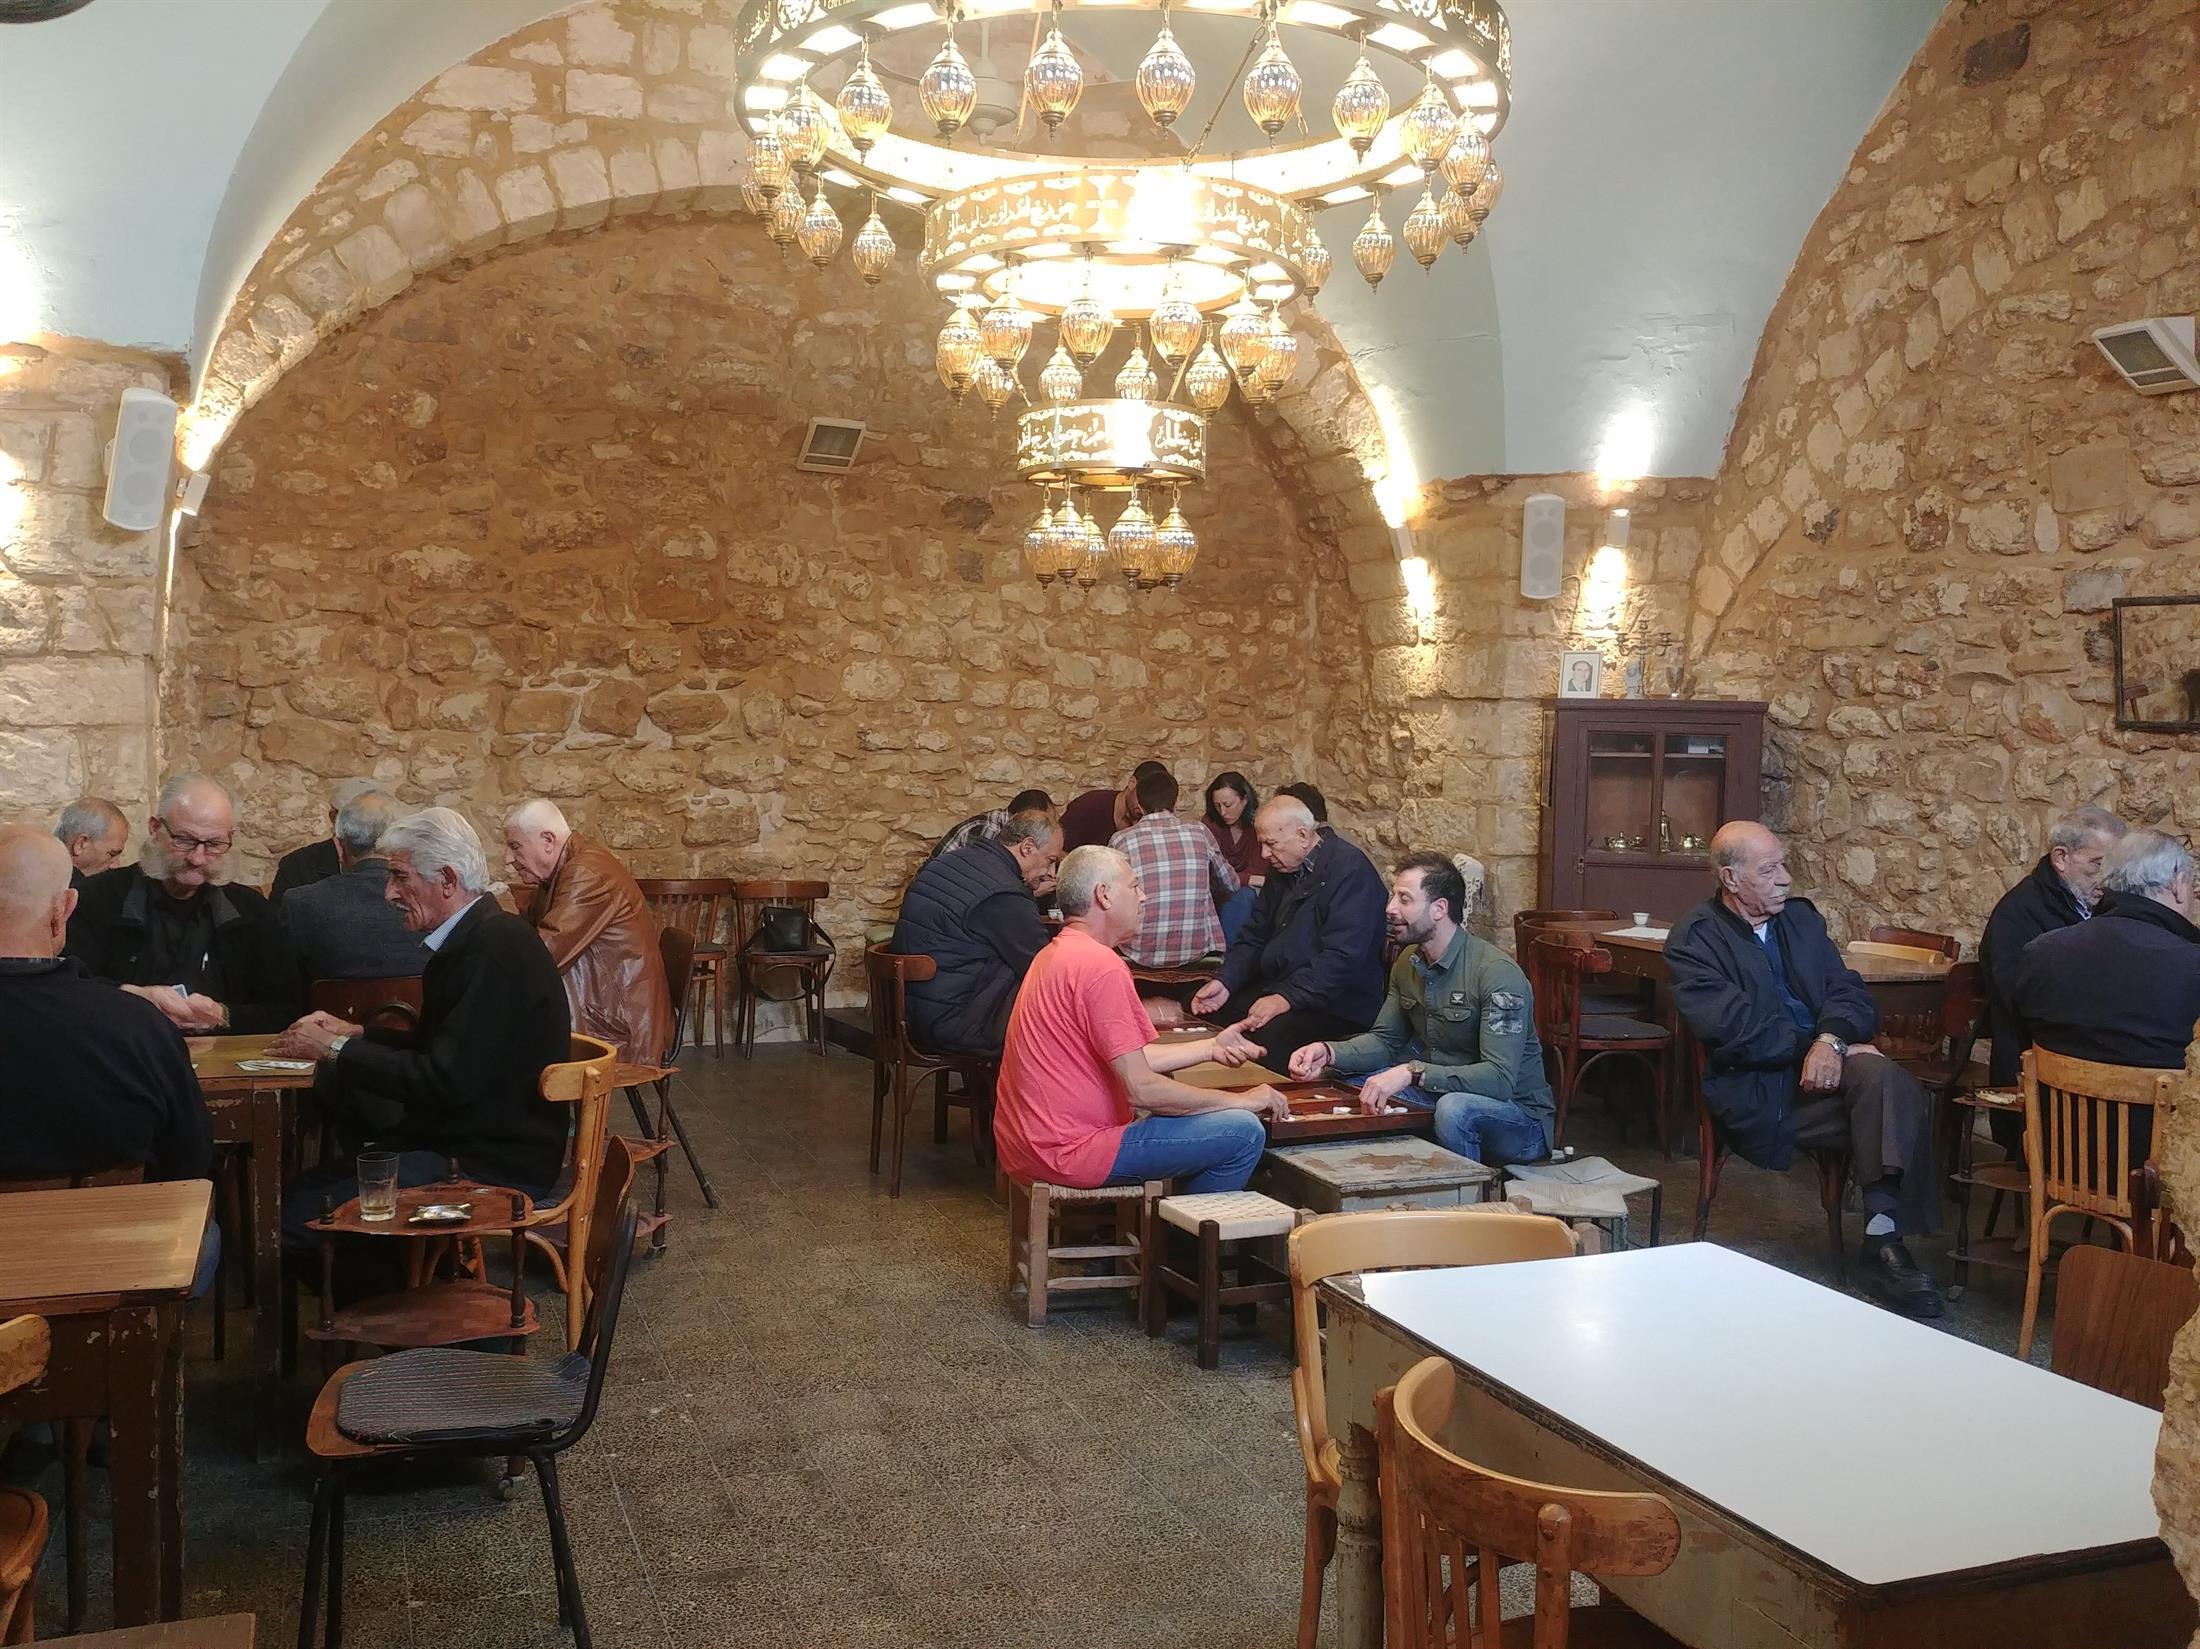 נצרת אבל אחרת – טיול מקיף ומרתק בעיר העתיקה בנצרת